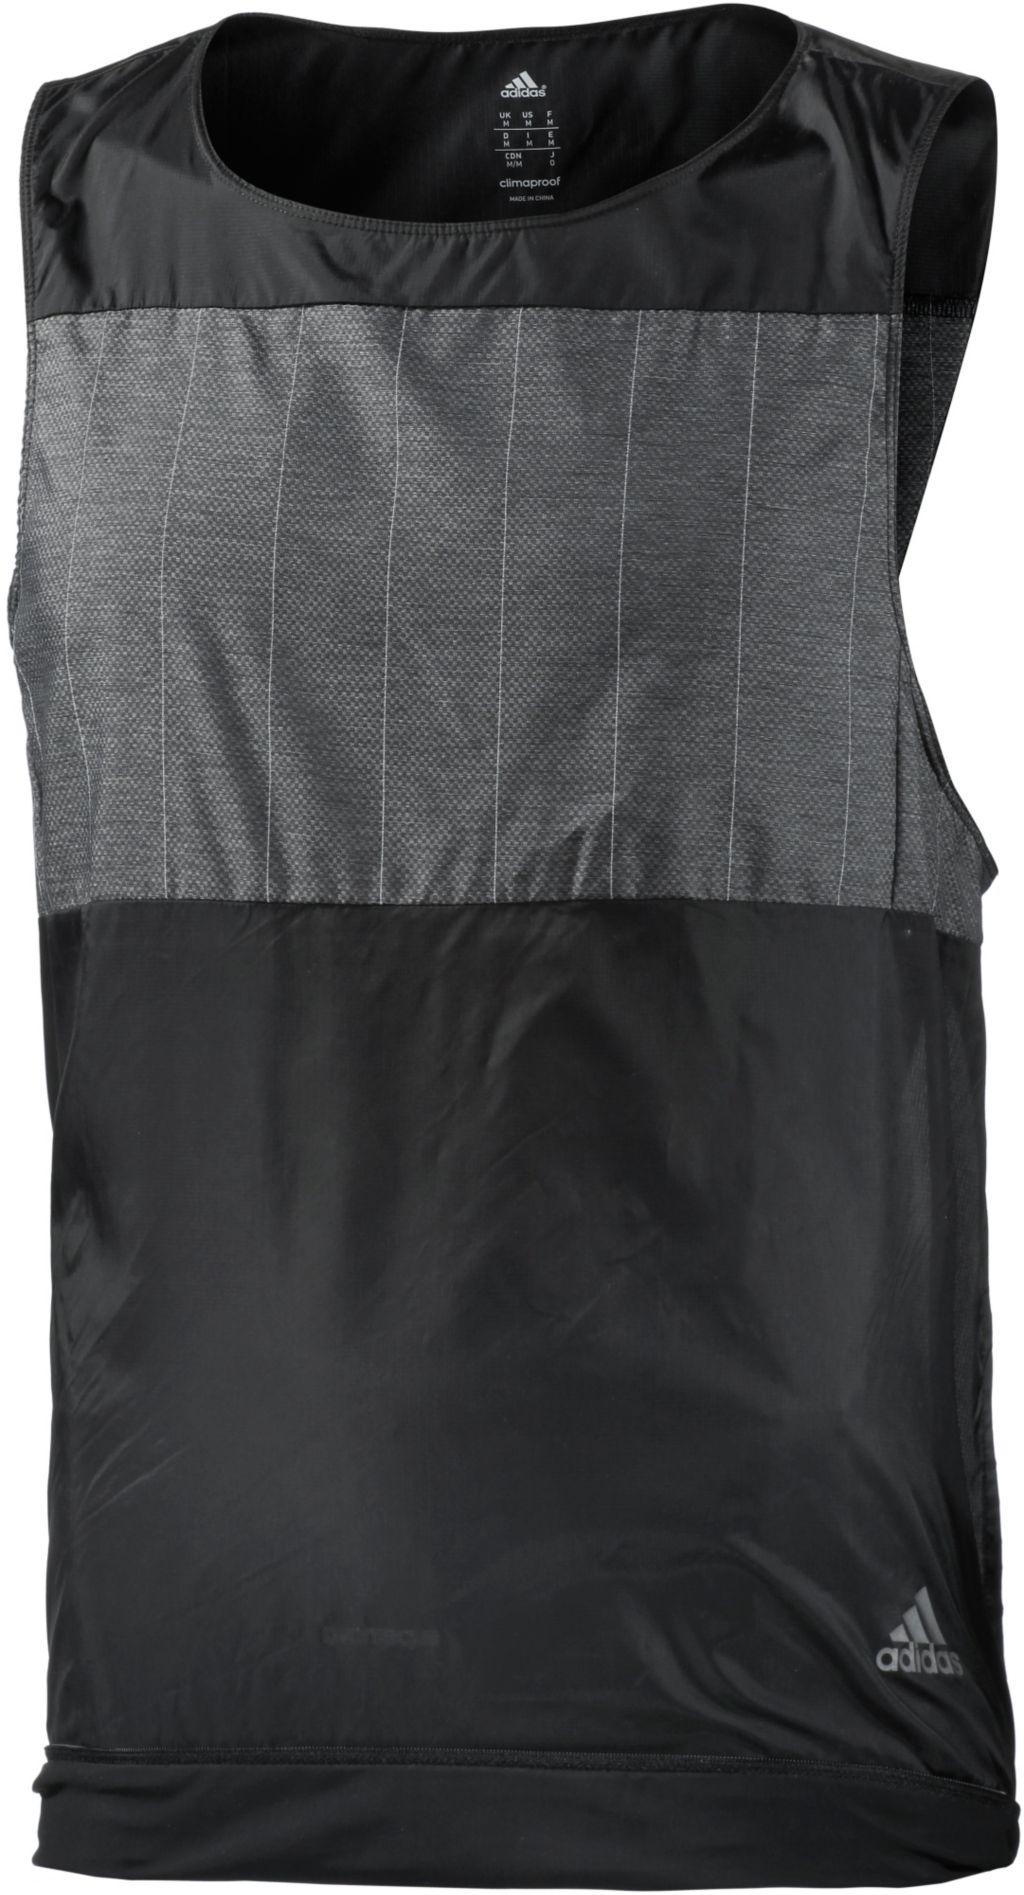 Adidas SUPERNOVA Laufweste Herren in schwarz, Größe L